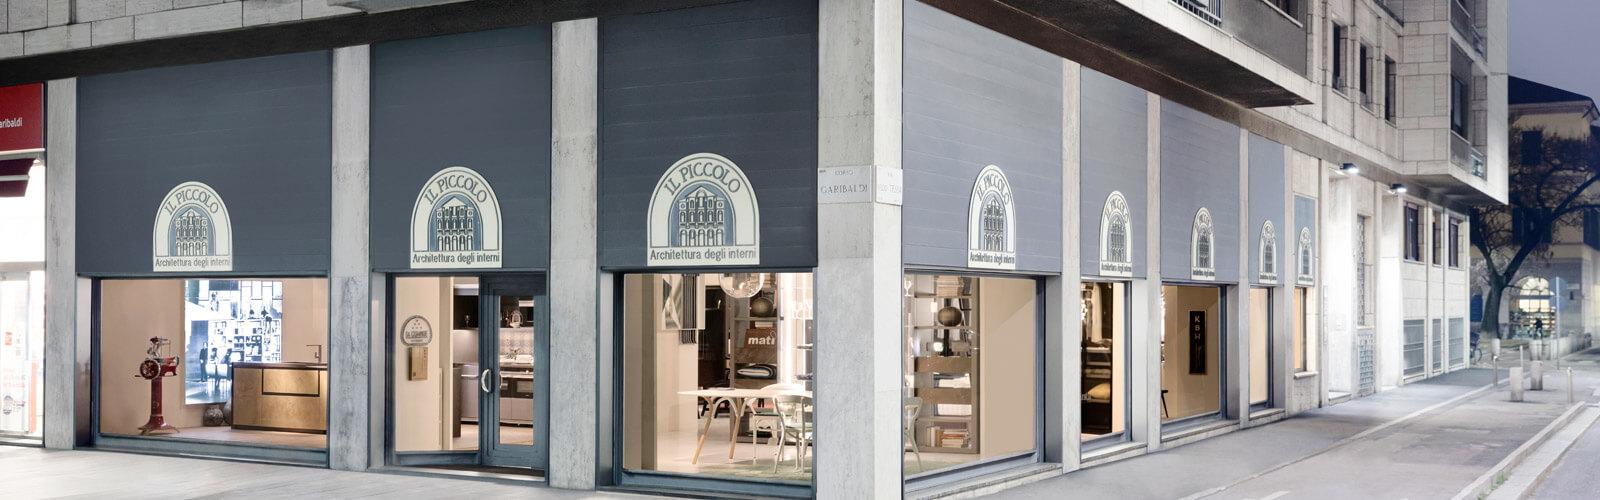 Modern Italian Design Furniture Store from Italy, Coch Italia Leather Sofas Il Piccolo Design